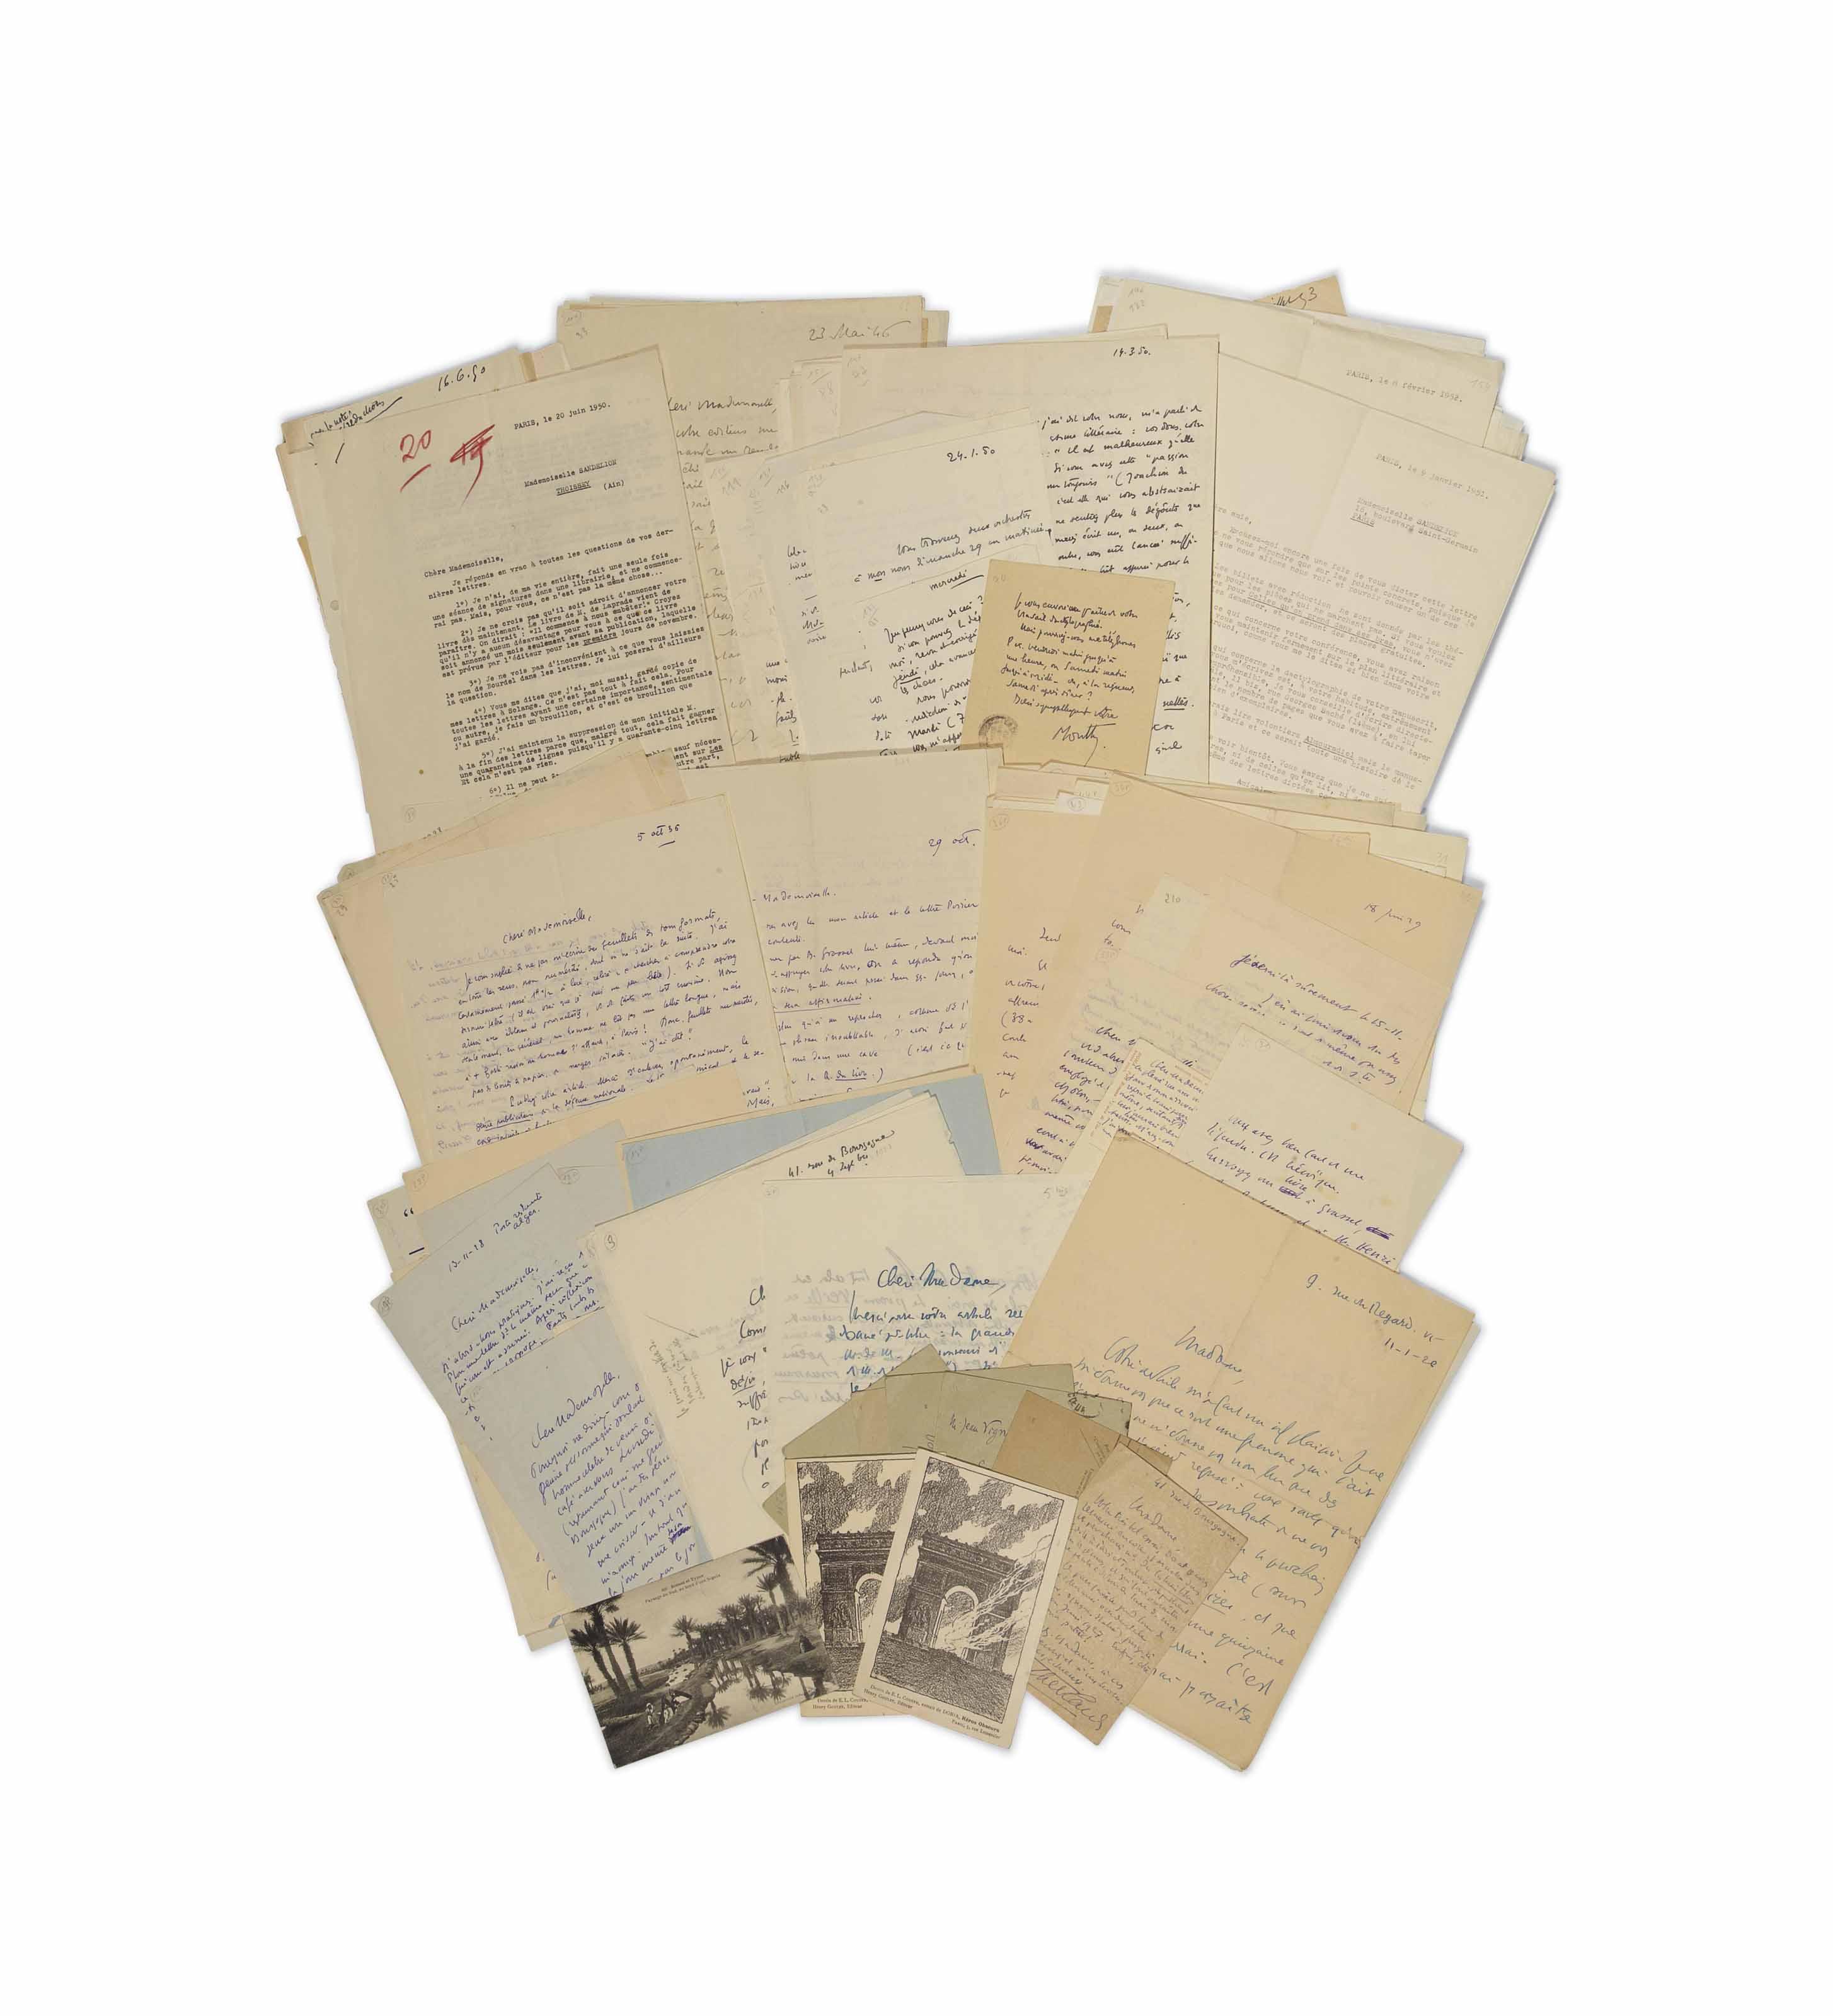 Henry de MONTHERLANT (1895-1972). Volumineuse correspondance, en partie inédite, adressée à Jeanne Sandelion (1899-1976) entre 1926 et 1963. Elle comporte 233 lettres (dont 2 pneumatiques), 37 cartes postales, 6 billets, 3 télégrammes et 25 brouillons de lettres. Environ 450 pages de divers formats.